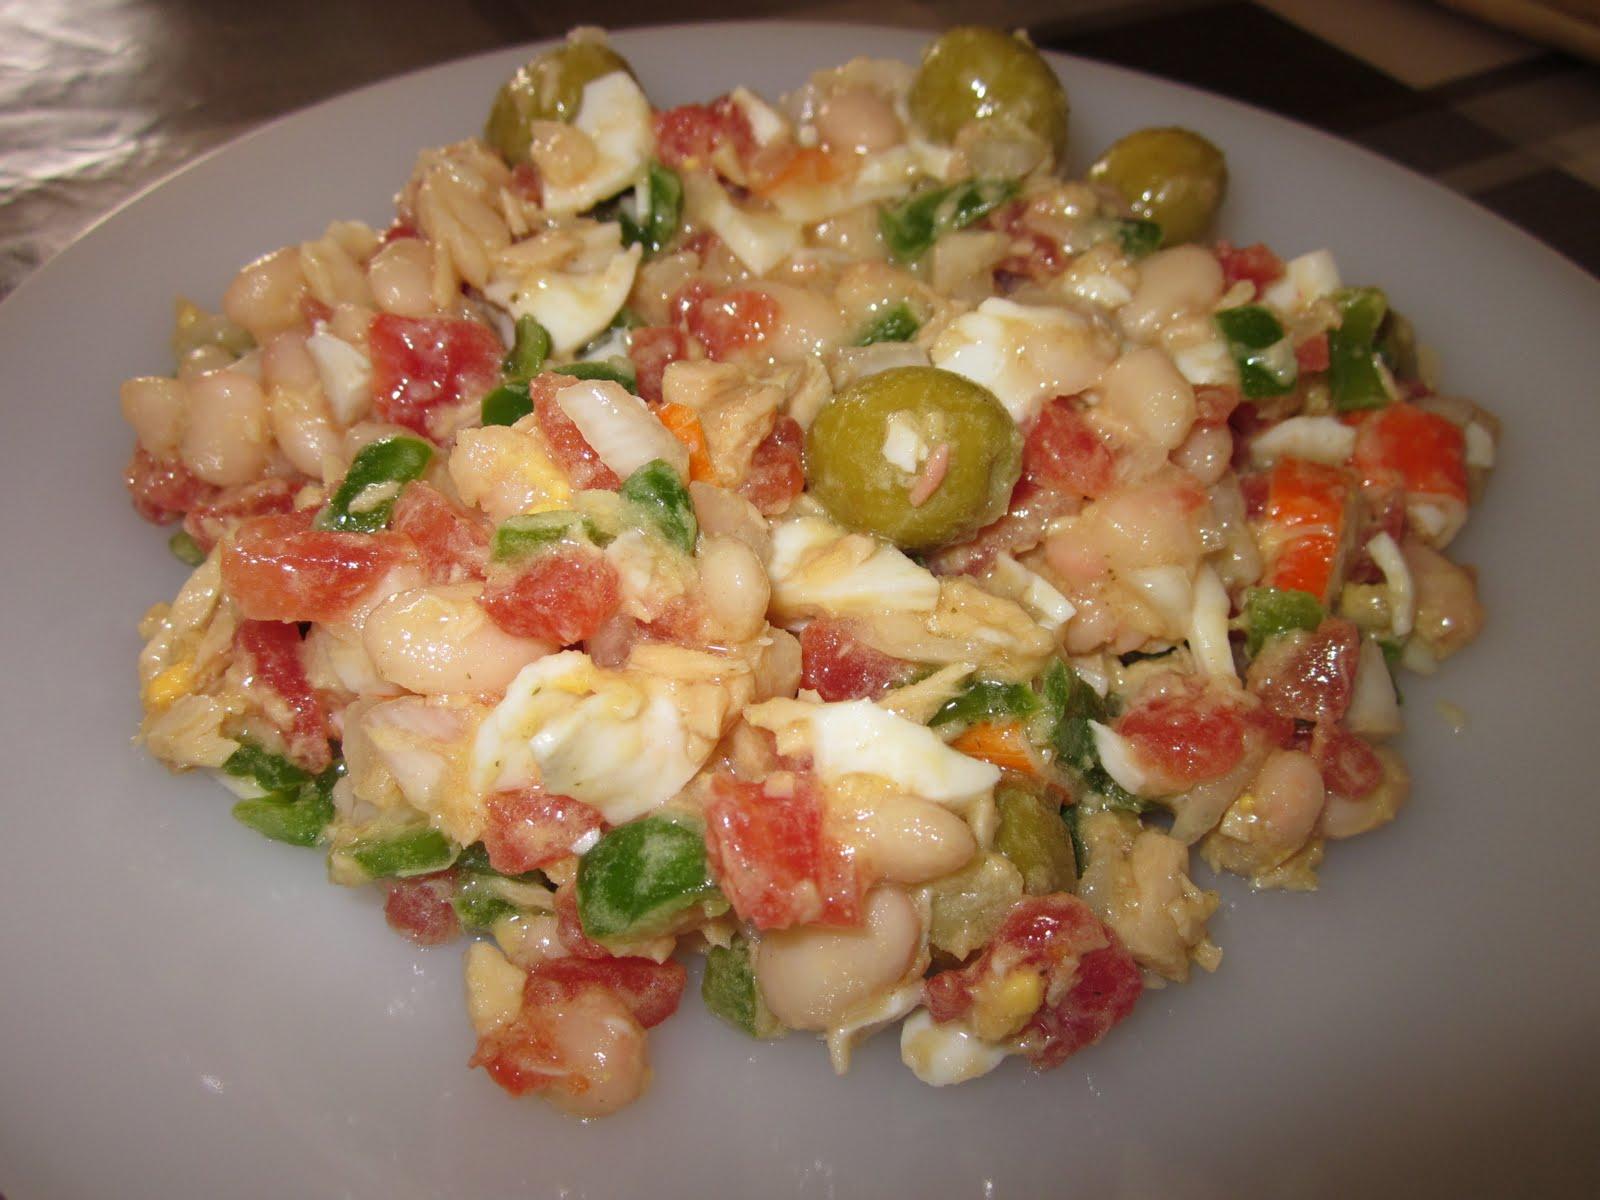 Cocina y hornea ensalada de jud as blancas - Ensalada fria de judias blancas ...